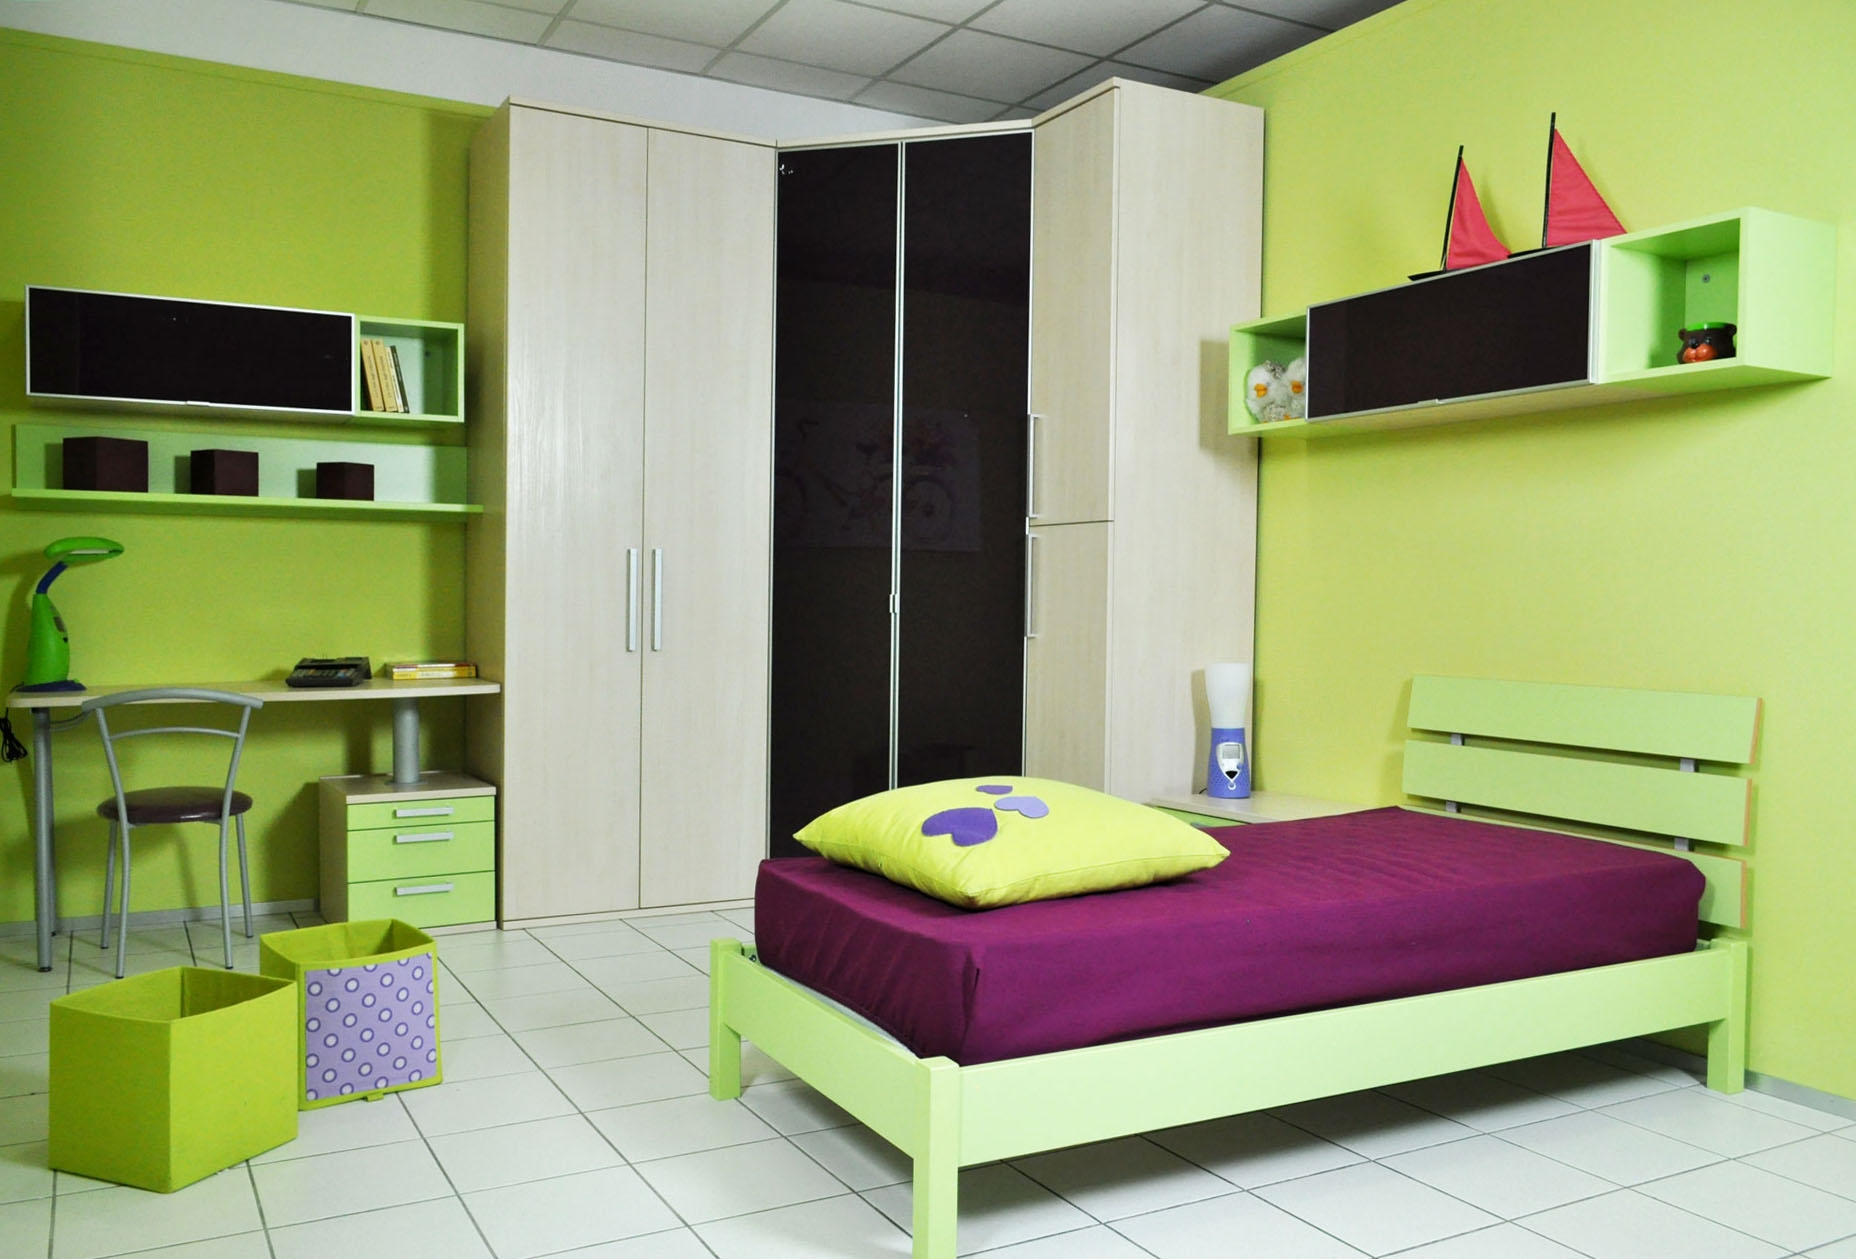 Cameretta colombini golf con cabina e scrivania letto a terra camerette a prezzi scontati - Cameretta con scrivania ...